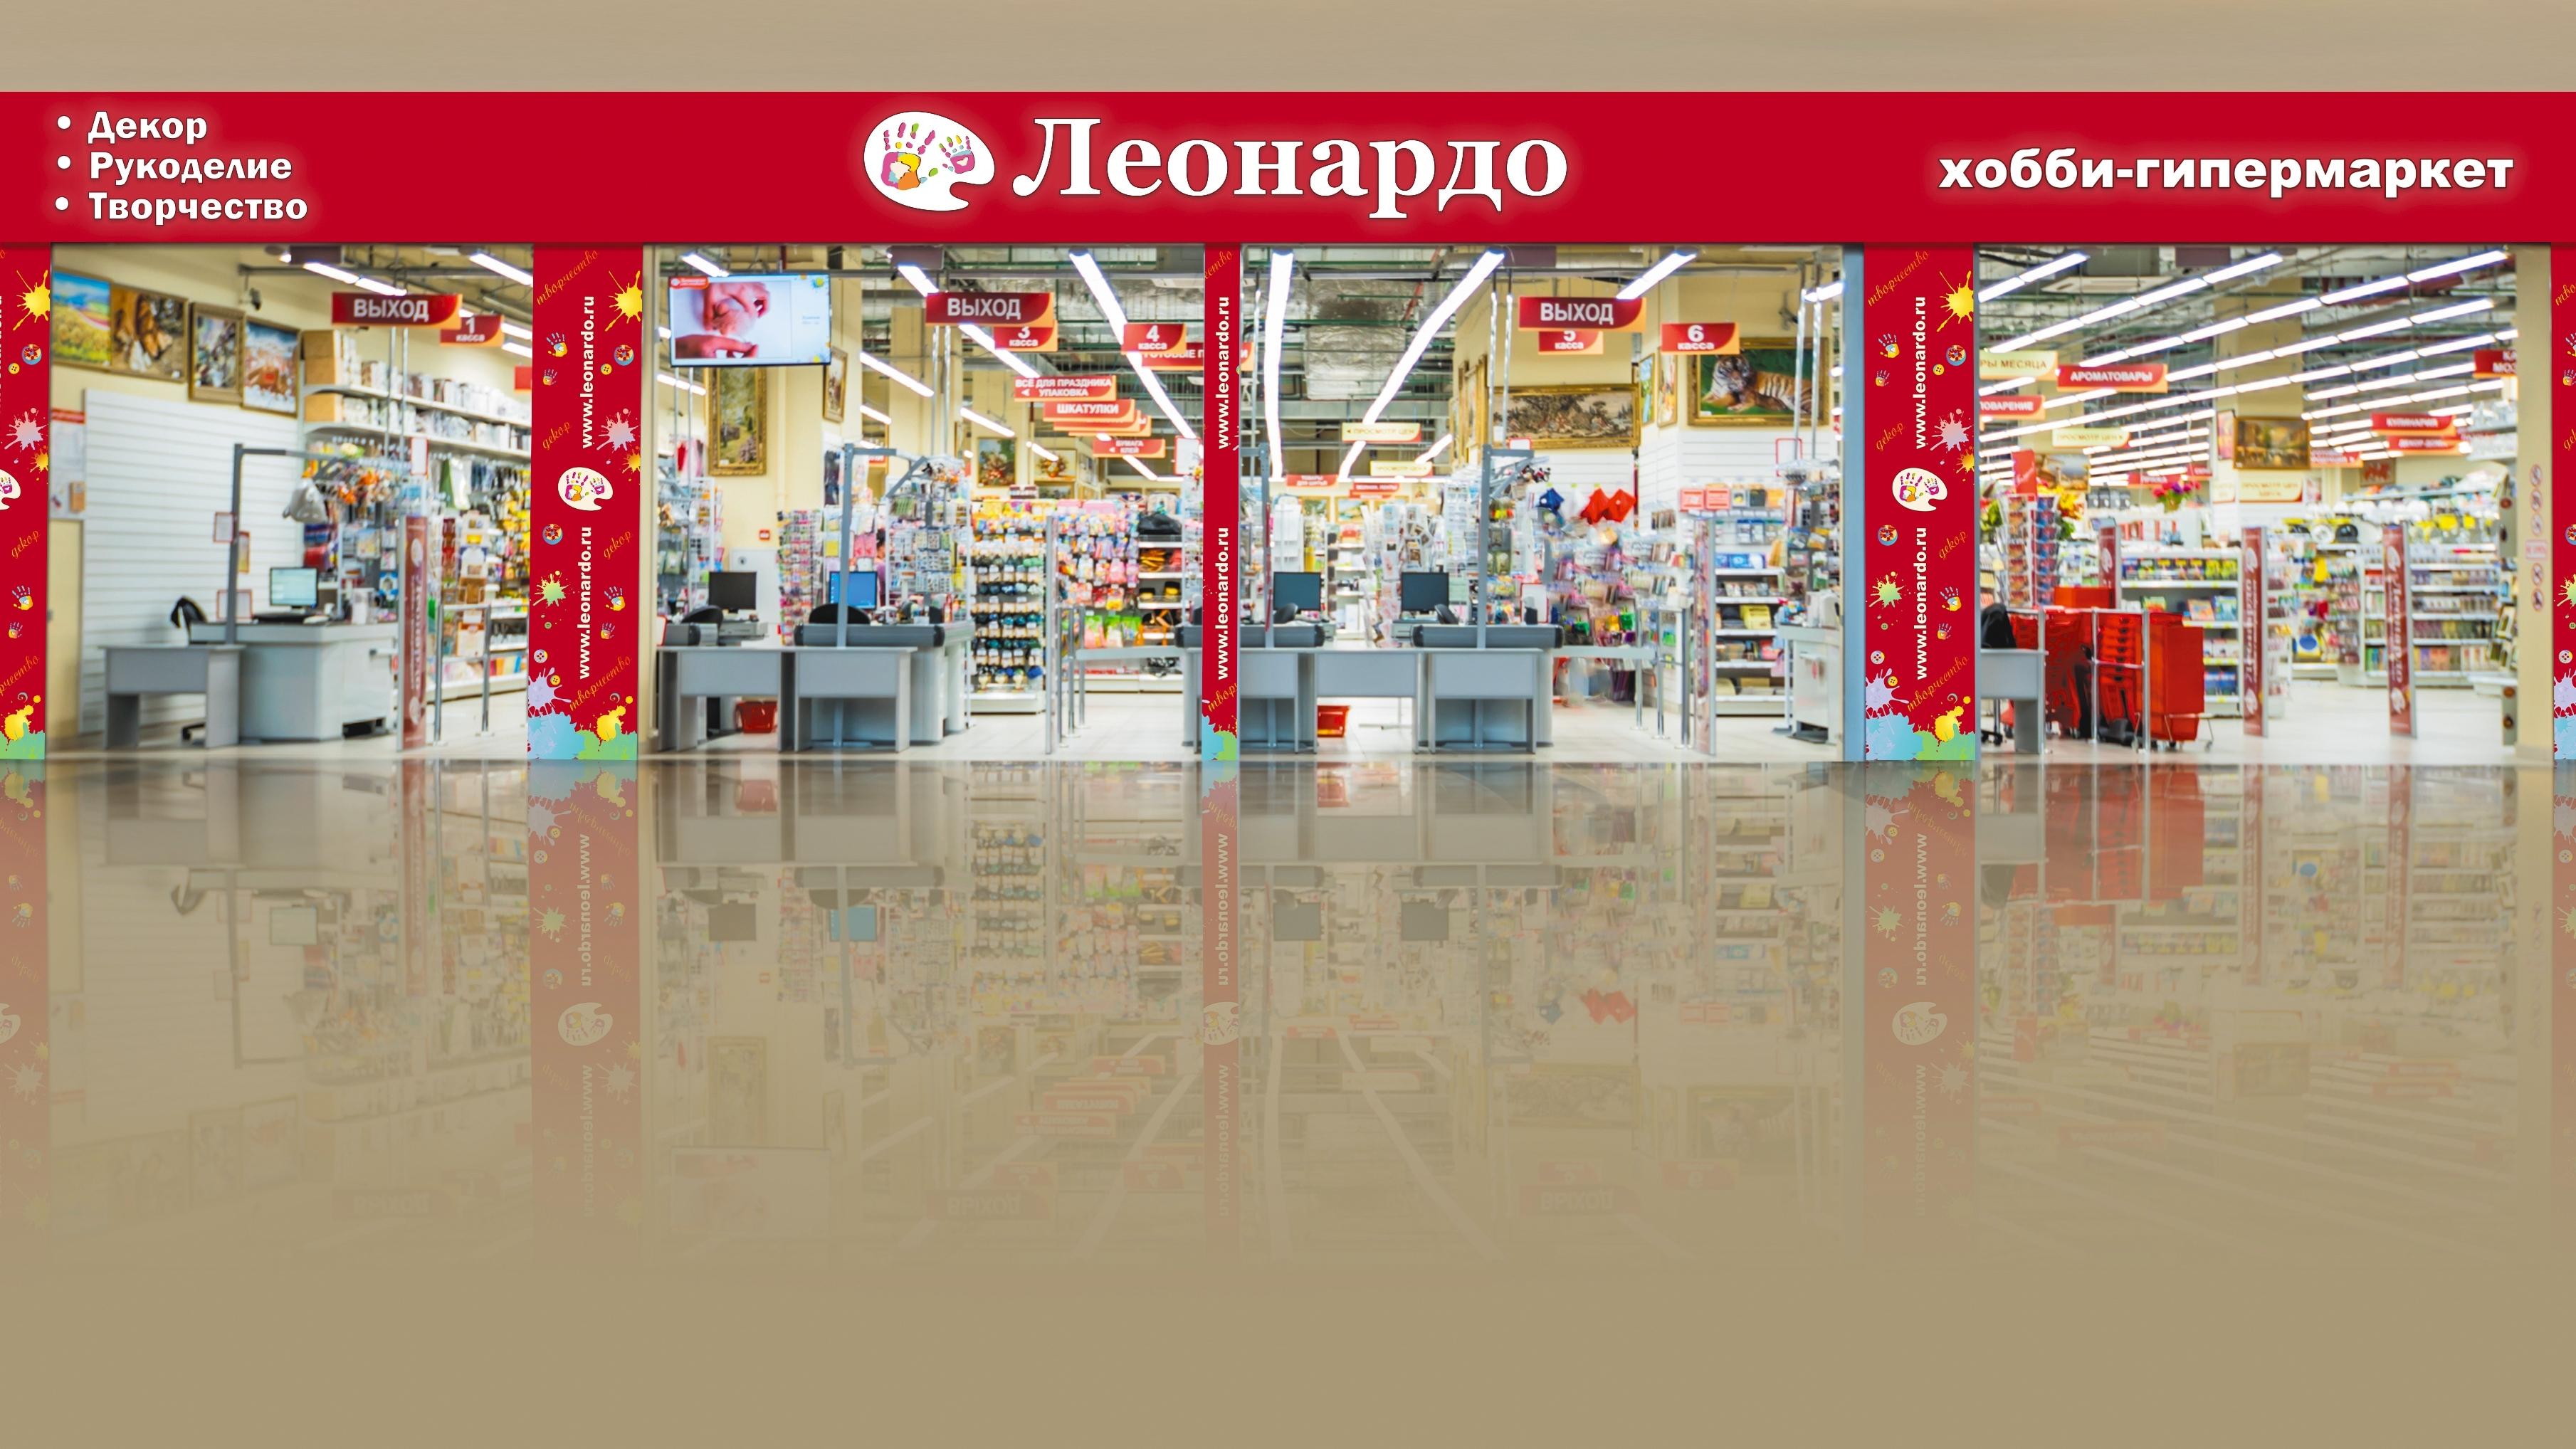 Леонардо хобби-гипермаркет.